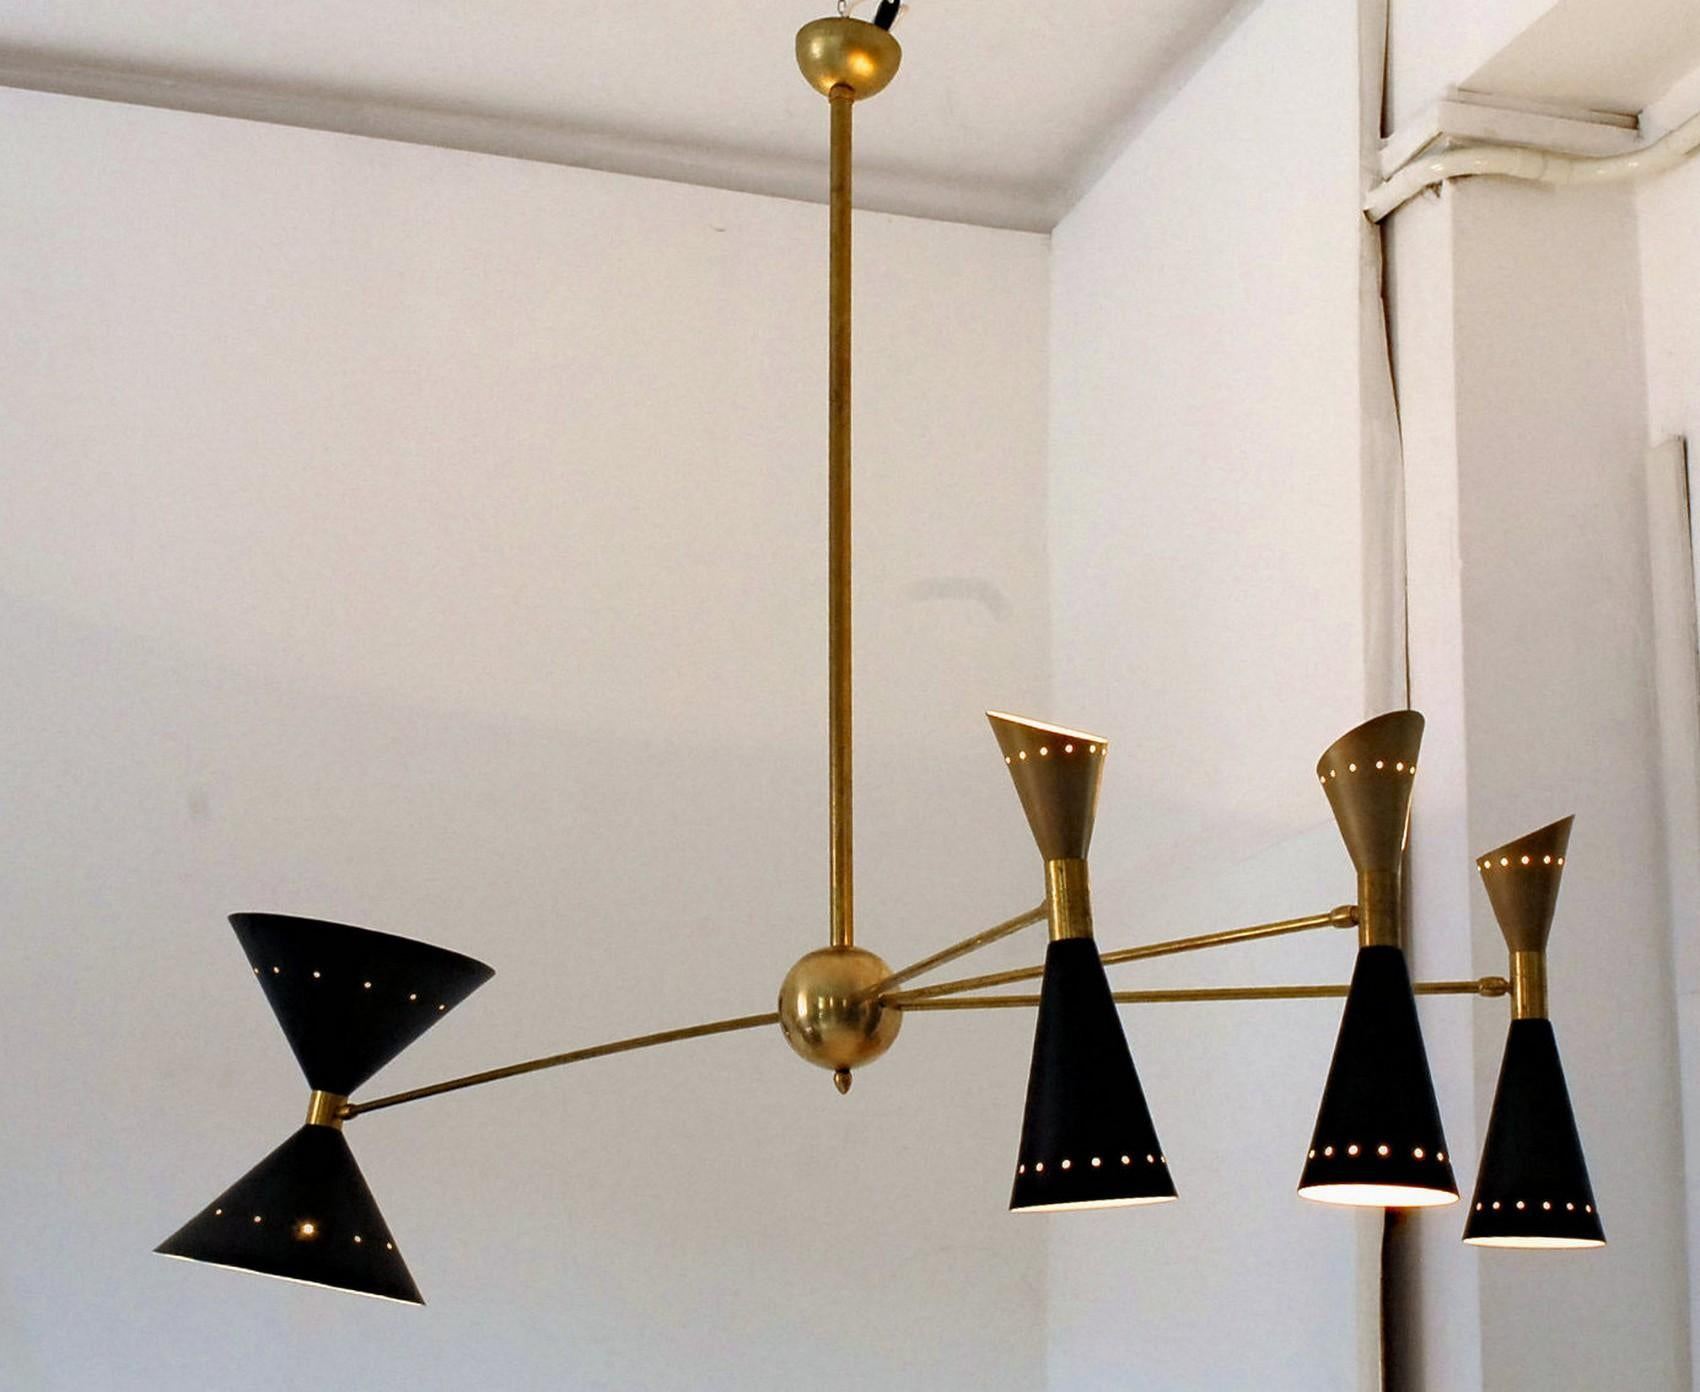 Kronleuchter Mit Schwarzem Schirm ~ Wunderschöne kronleuchter für ihr zuhause bei real kaufen